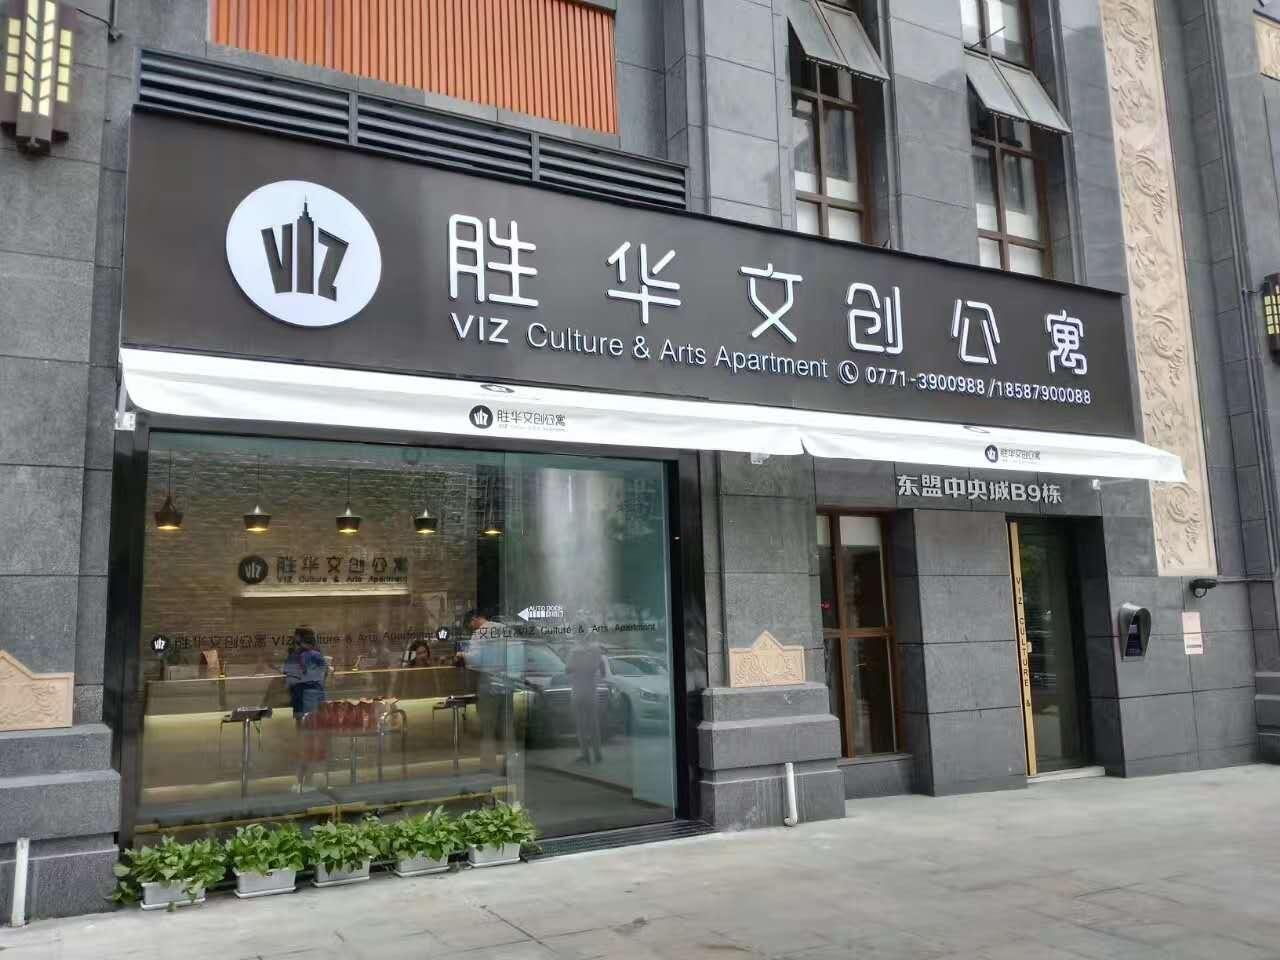 VIZ Culture And Arts Apartment